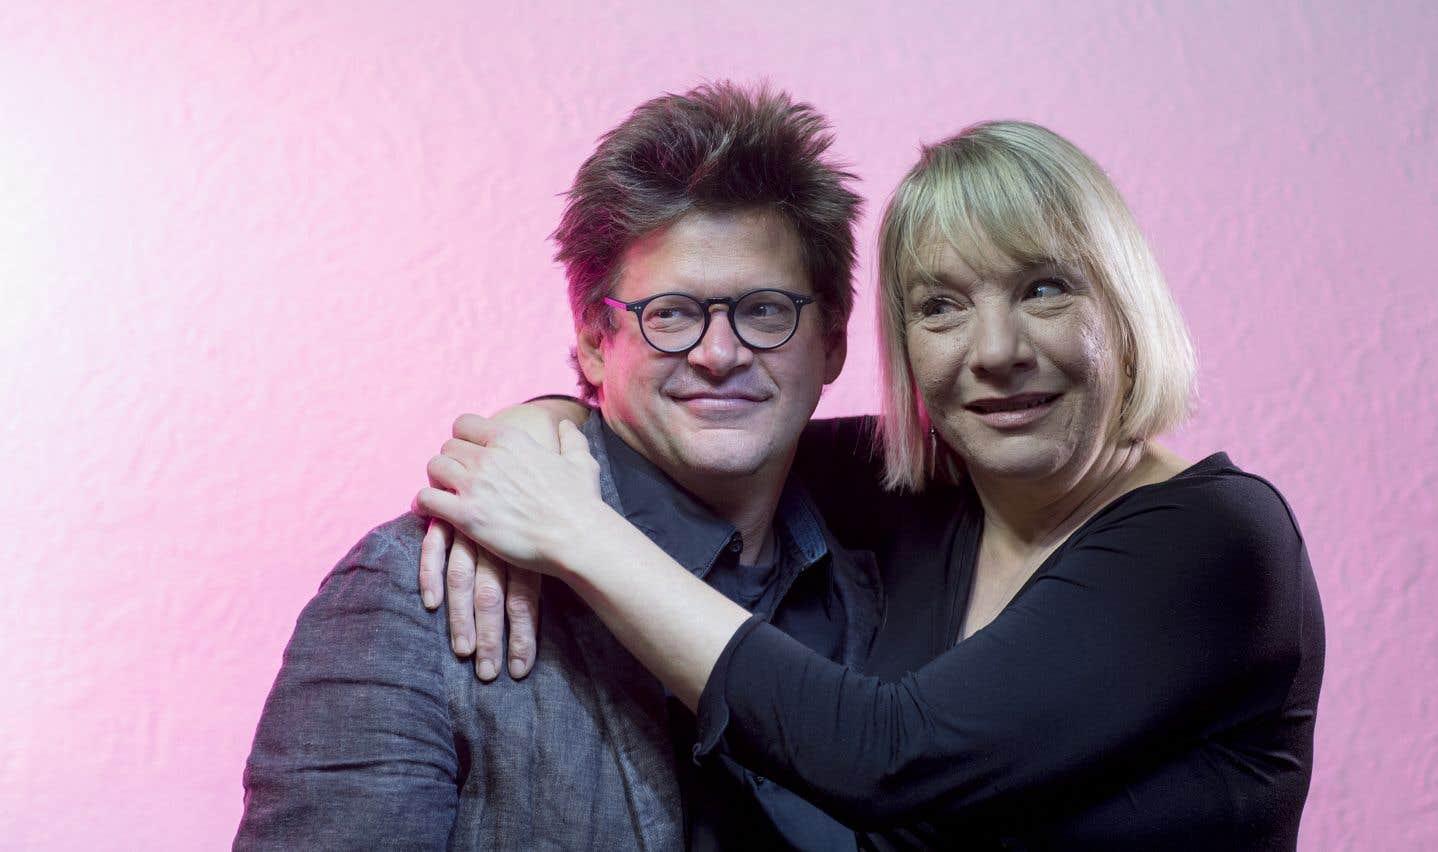 Dominic Champagne et Dominique Quesnel gardent un souvenir très fort de Cabaret neiges noires, qui demeure encore à ce jour un jalon dans leur parcours artistique.